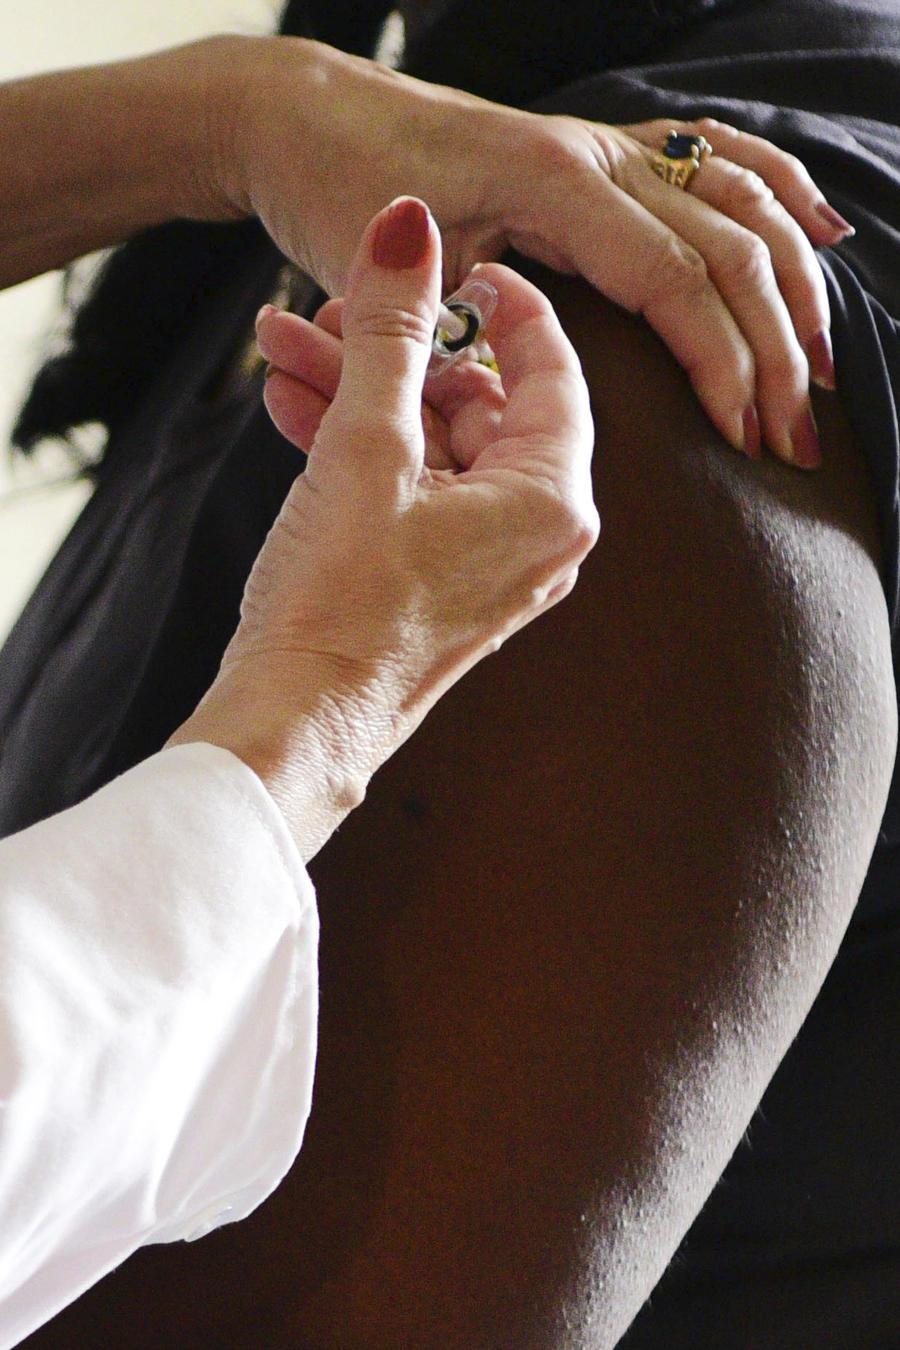 Una voluntaria de la fase 3 del desarrollo de una vacuna contra el coronavirus recibe una dosis.